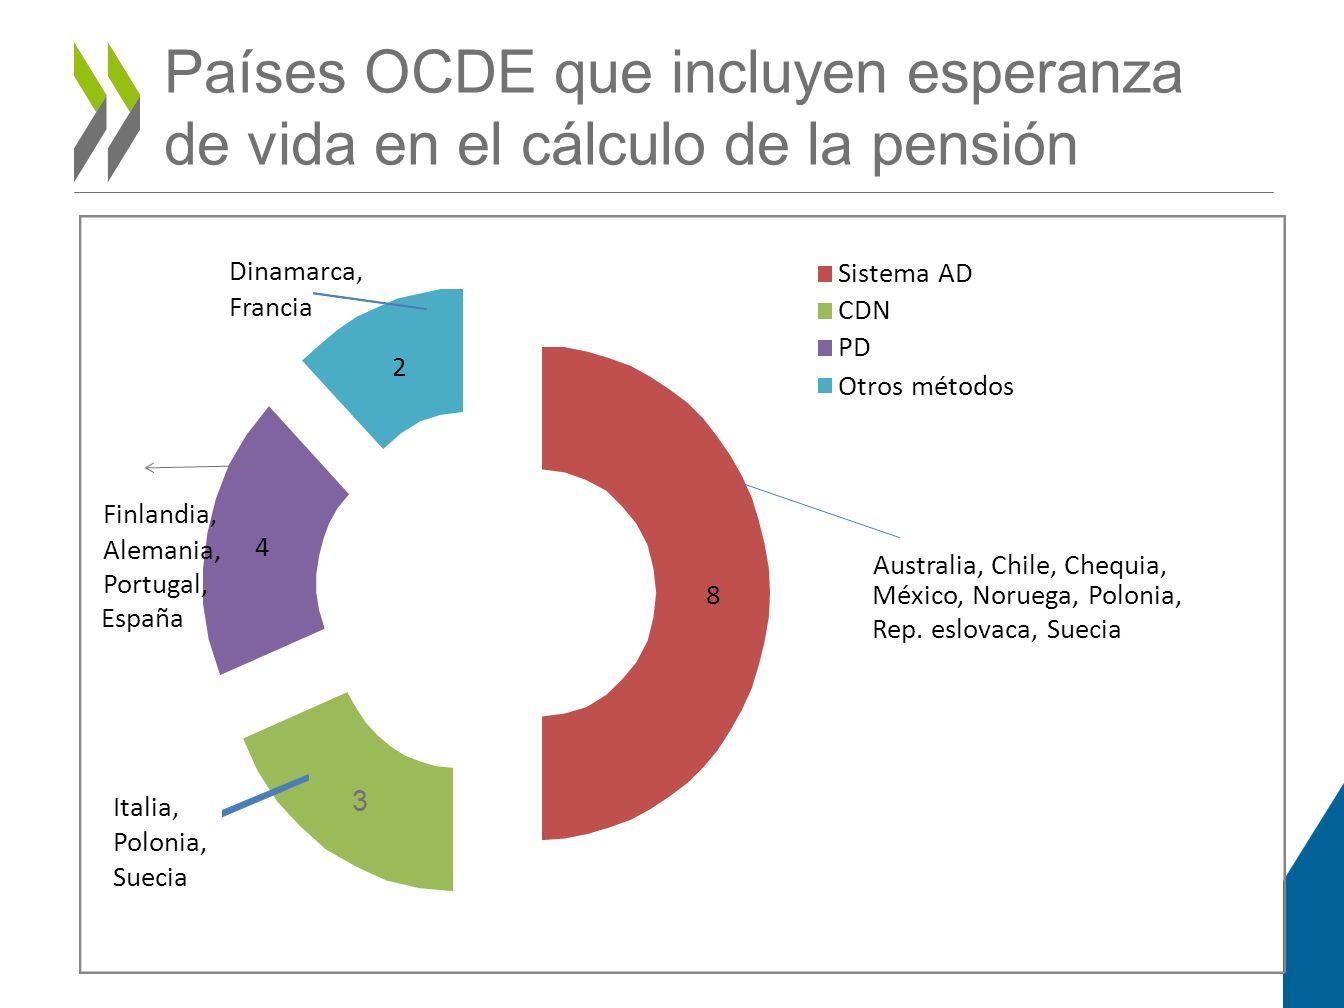 Países OCDE que incluyen esperanza de vida en el cálculo de la pensión